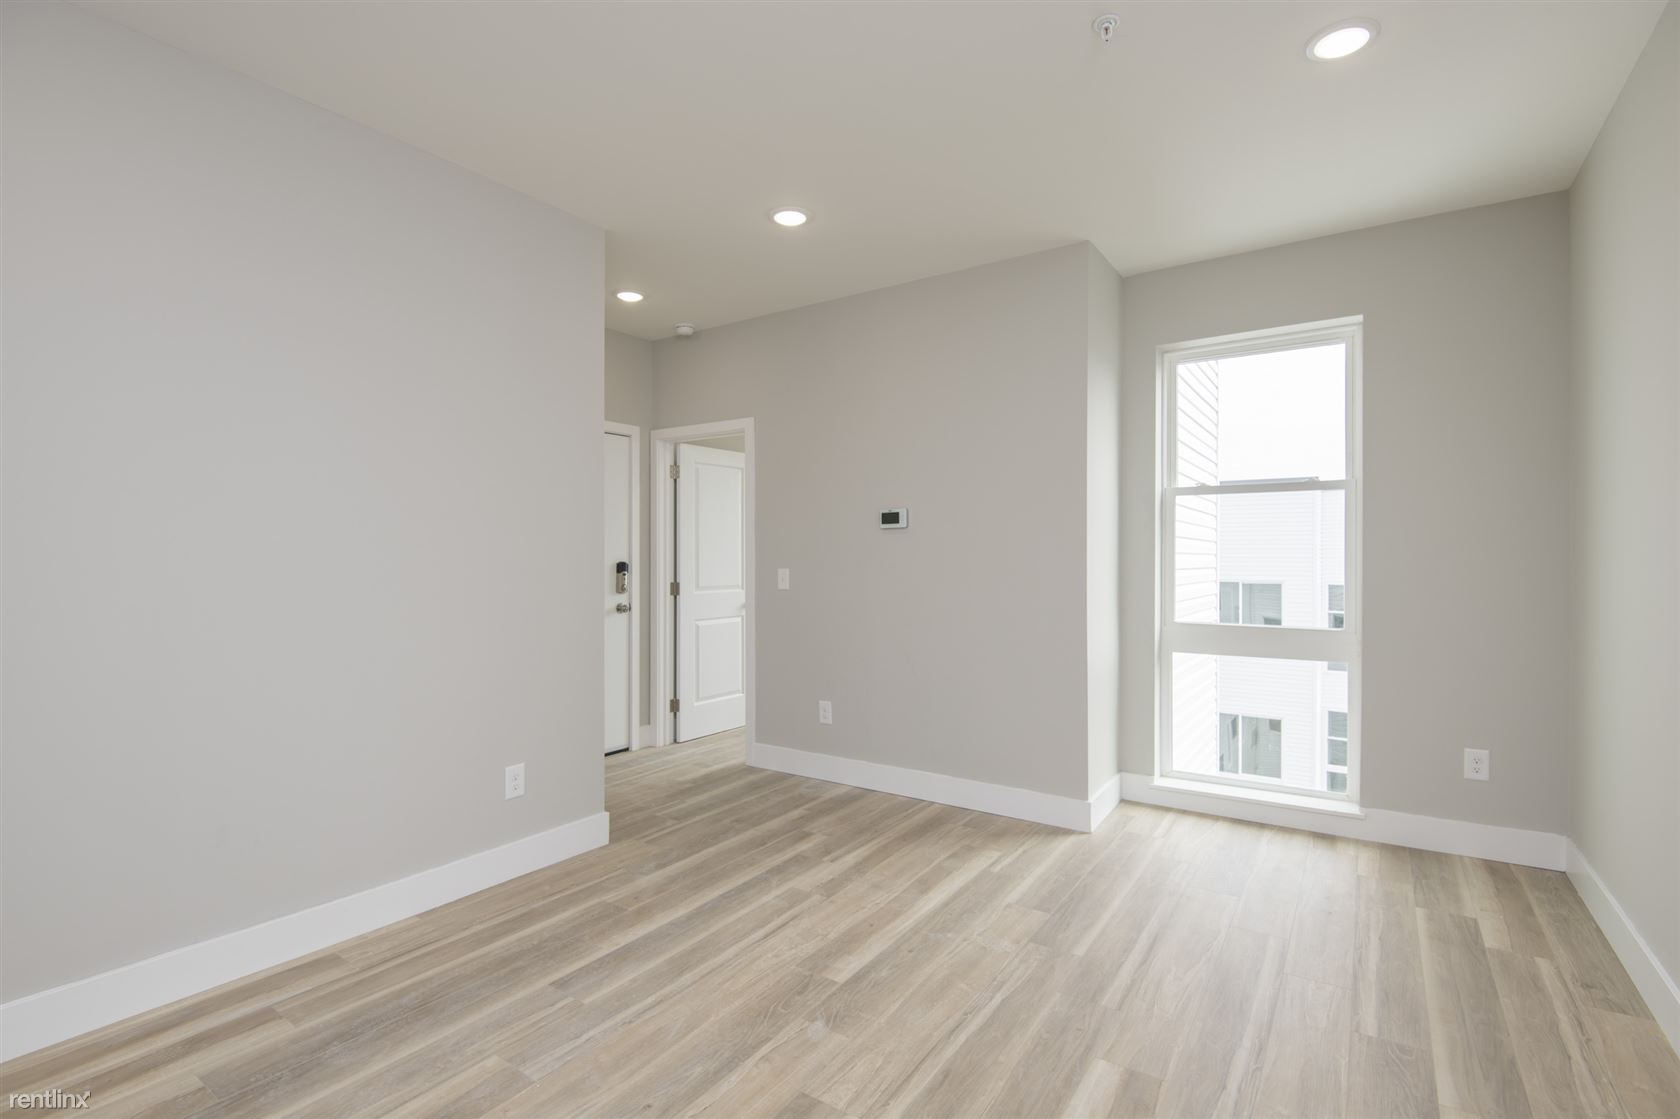 2207 N Broad ST Unit 4F, Philadelphia, PE - 1,800 CAD/ month